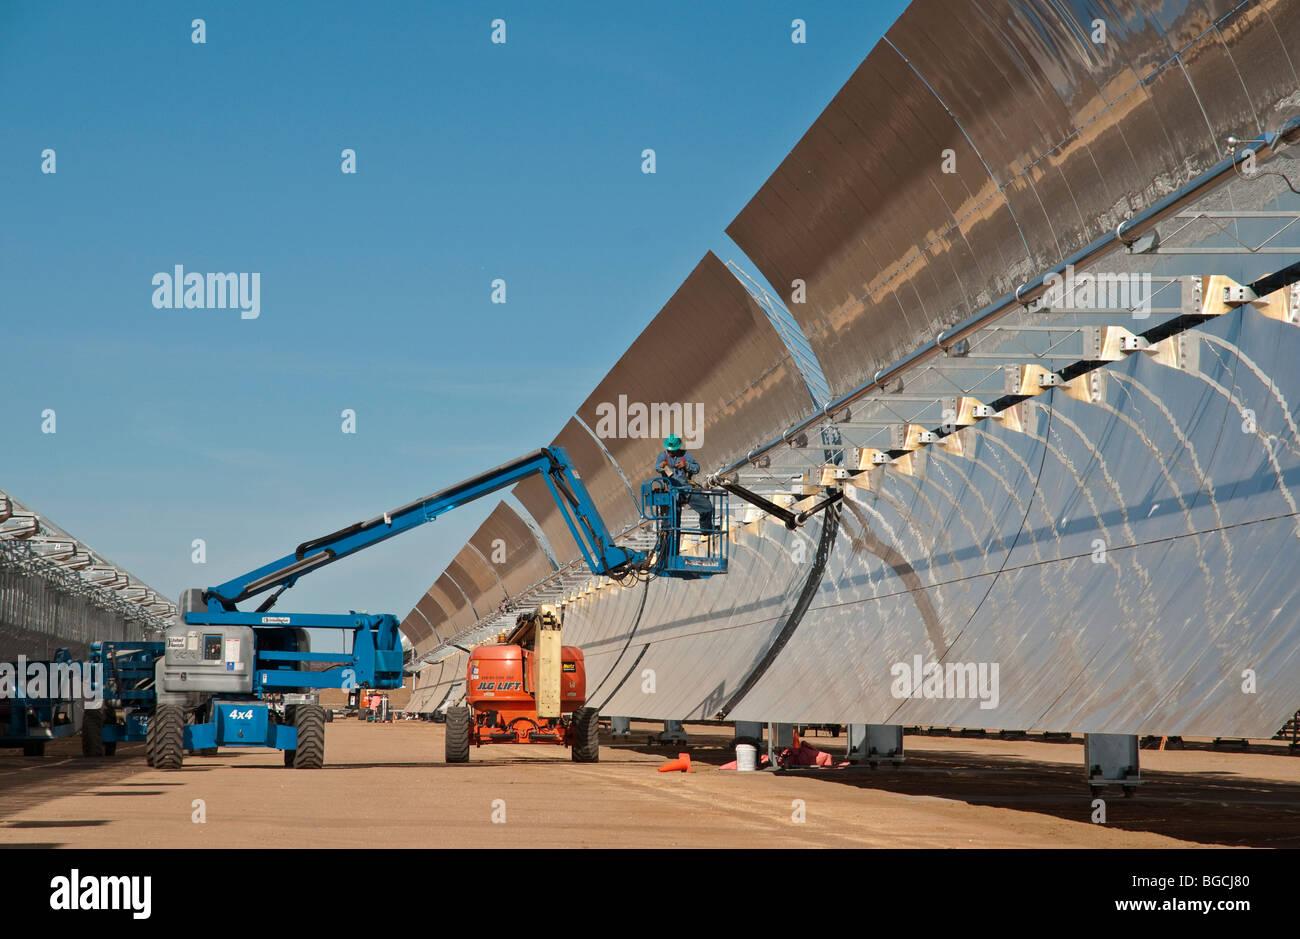 Solar Power Facility with Parabolic Mirrors - Stock Image